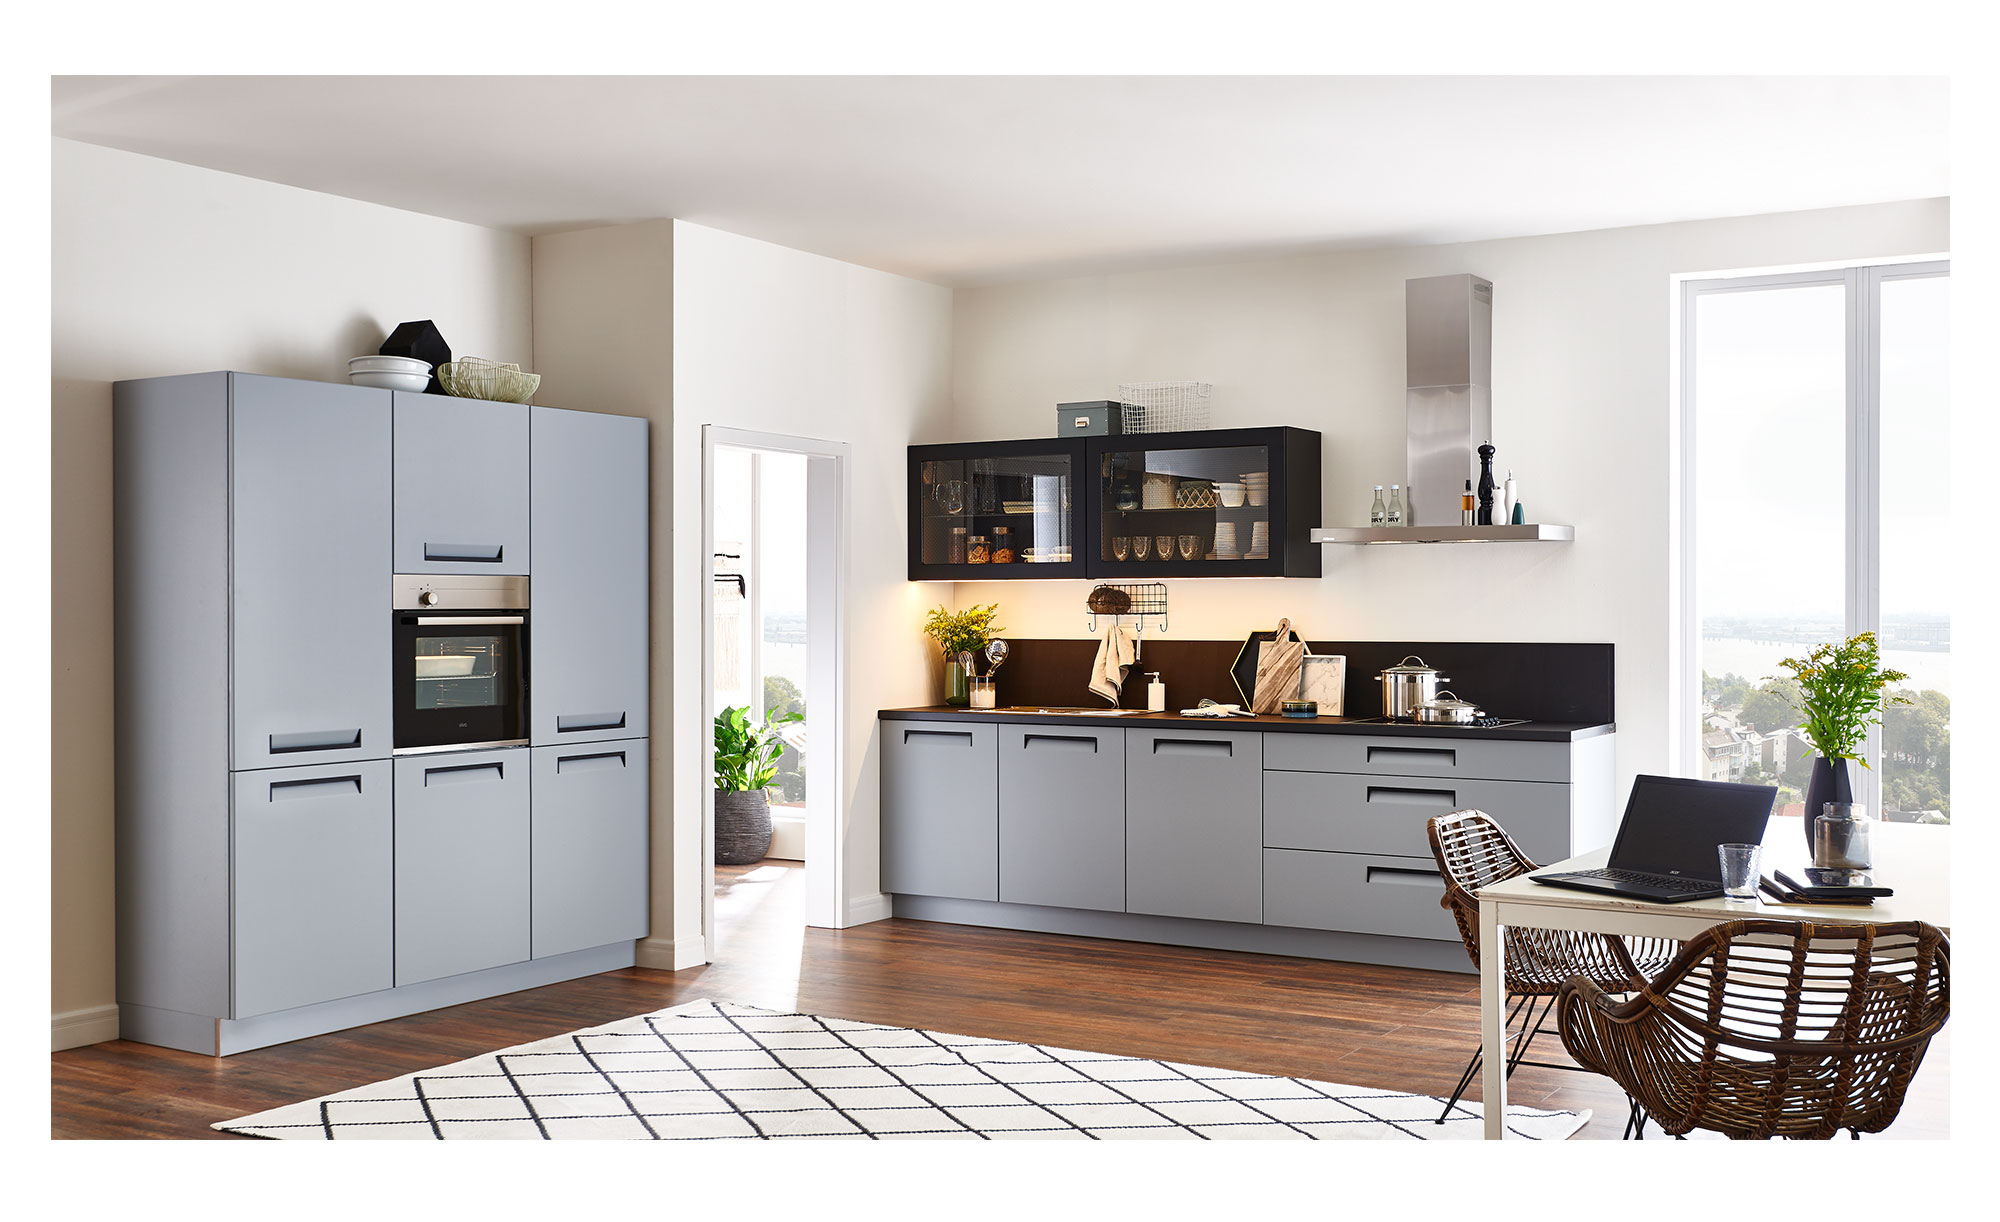 Full Size of Hängeschrank Küche Glastüren Nolte Schlafzimmer Badezimmer Weiß Hochglanz Wohnzimmer Bad Betten Höhe Wohnzimmer Nolte Hängeschrank